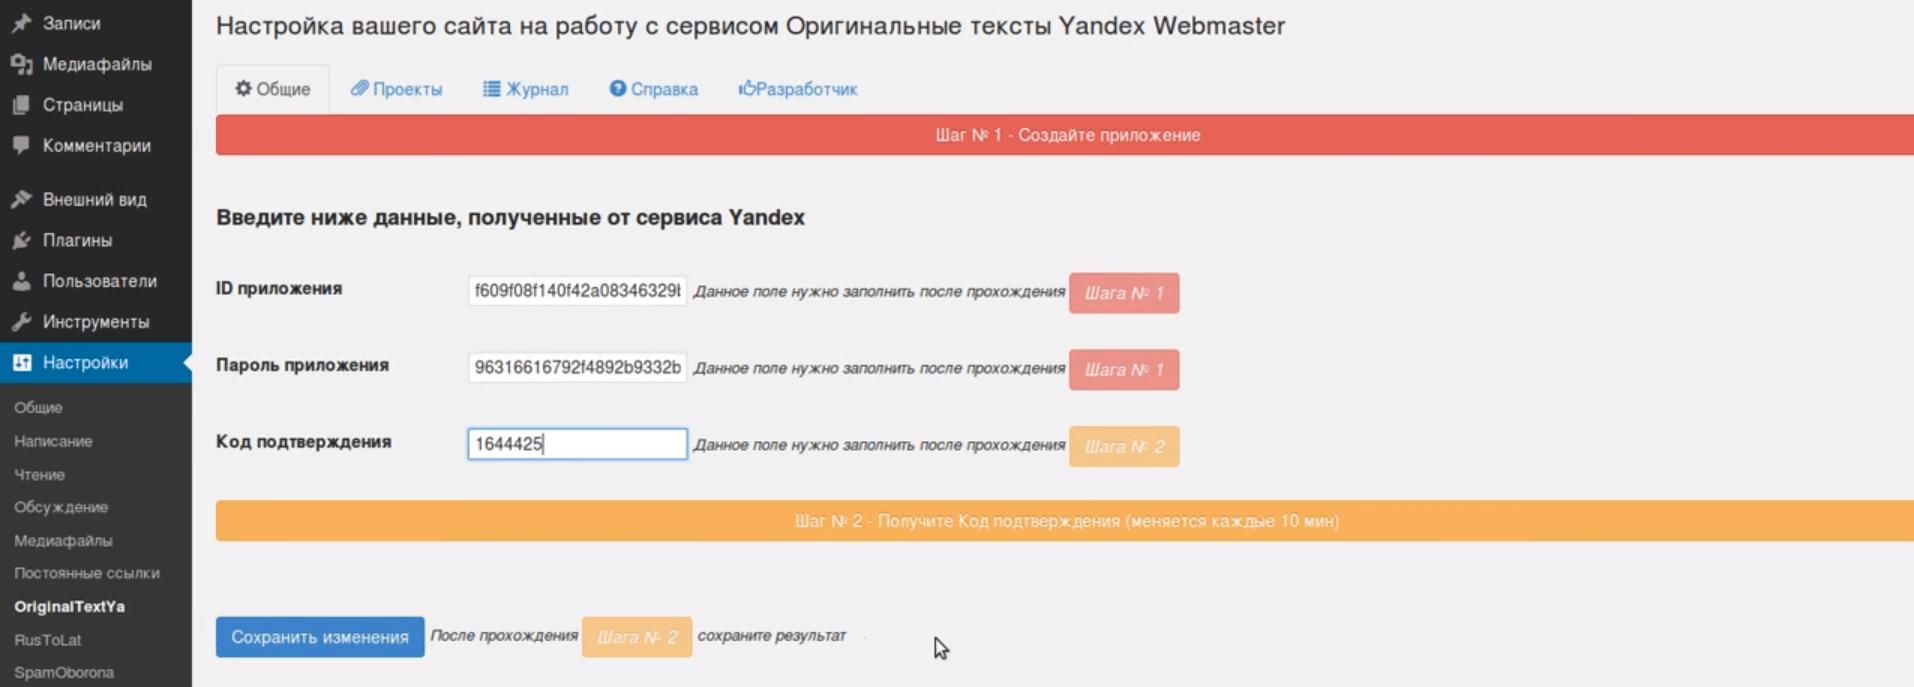 Установка плагина Original texts Yandex WebMaster Вводим код подтвержения